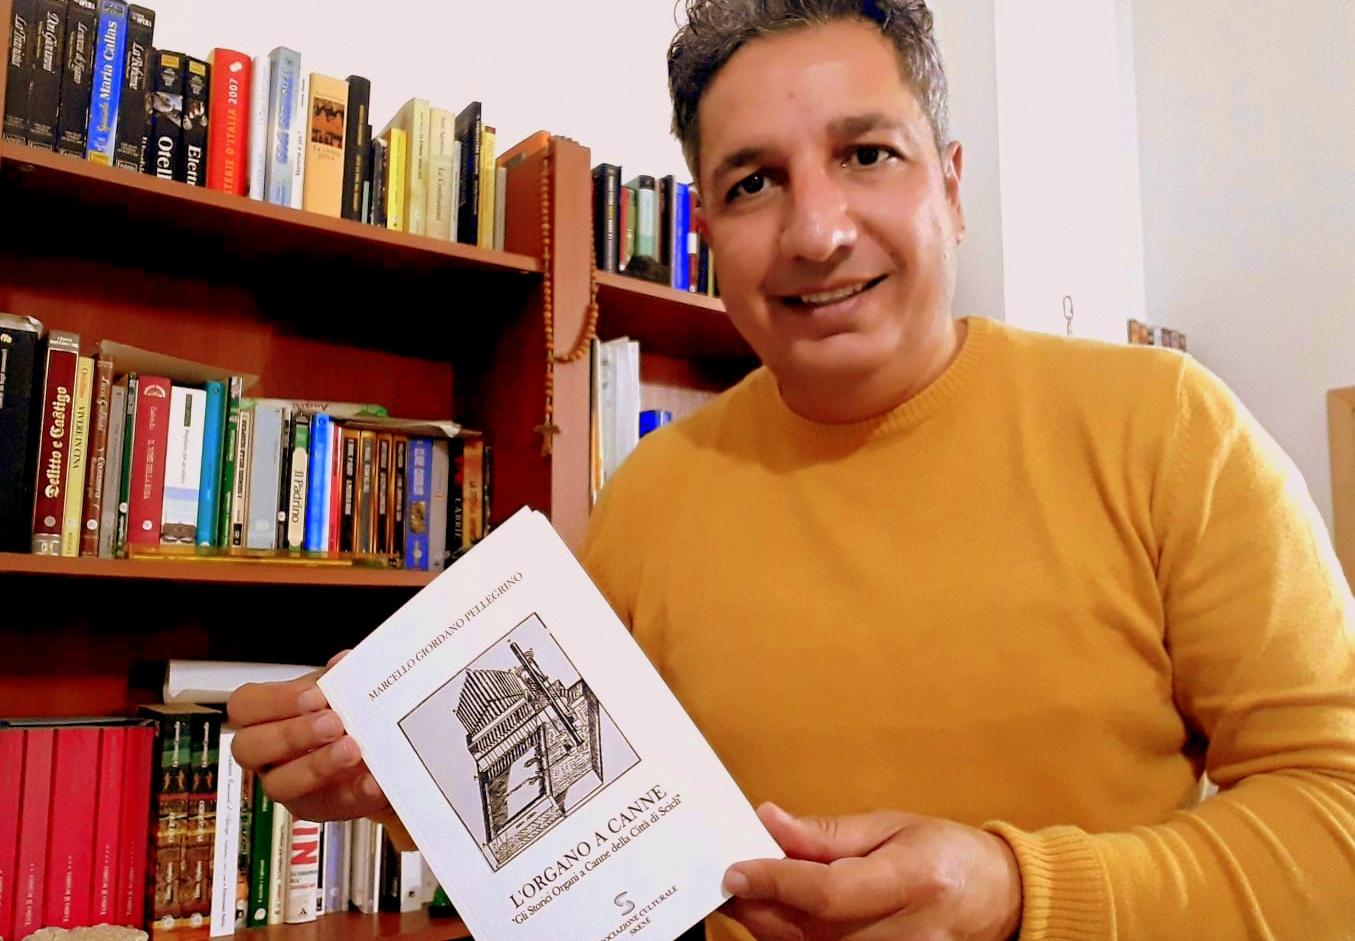 Marcello Giordano Pellegrino